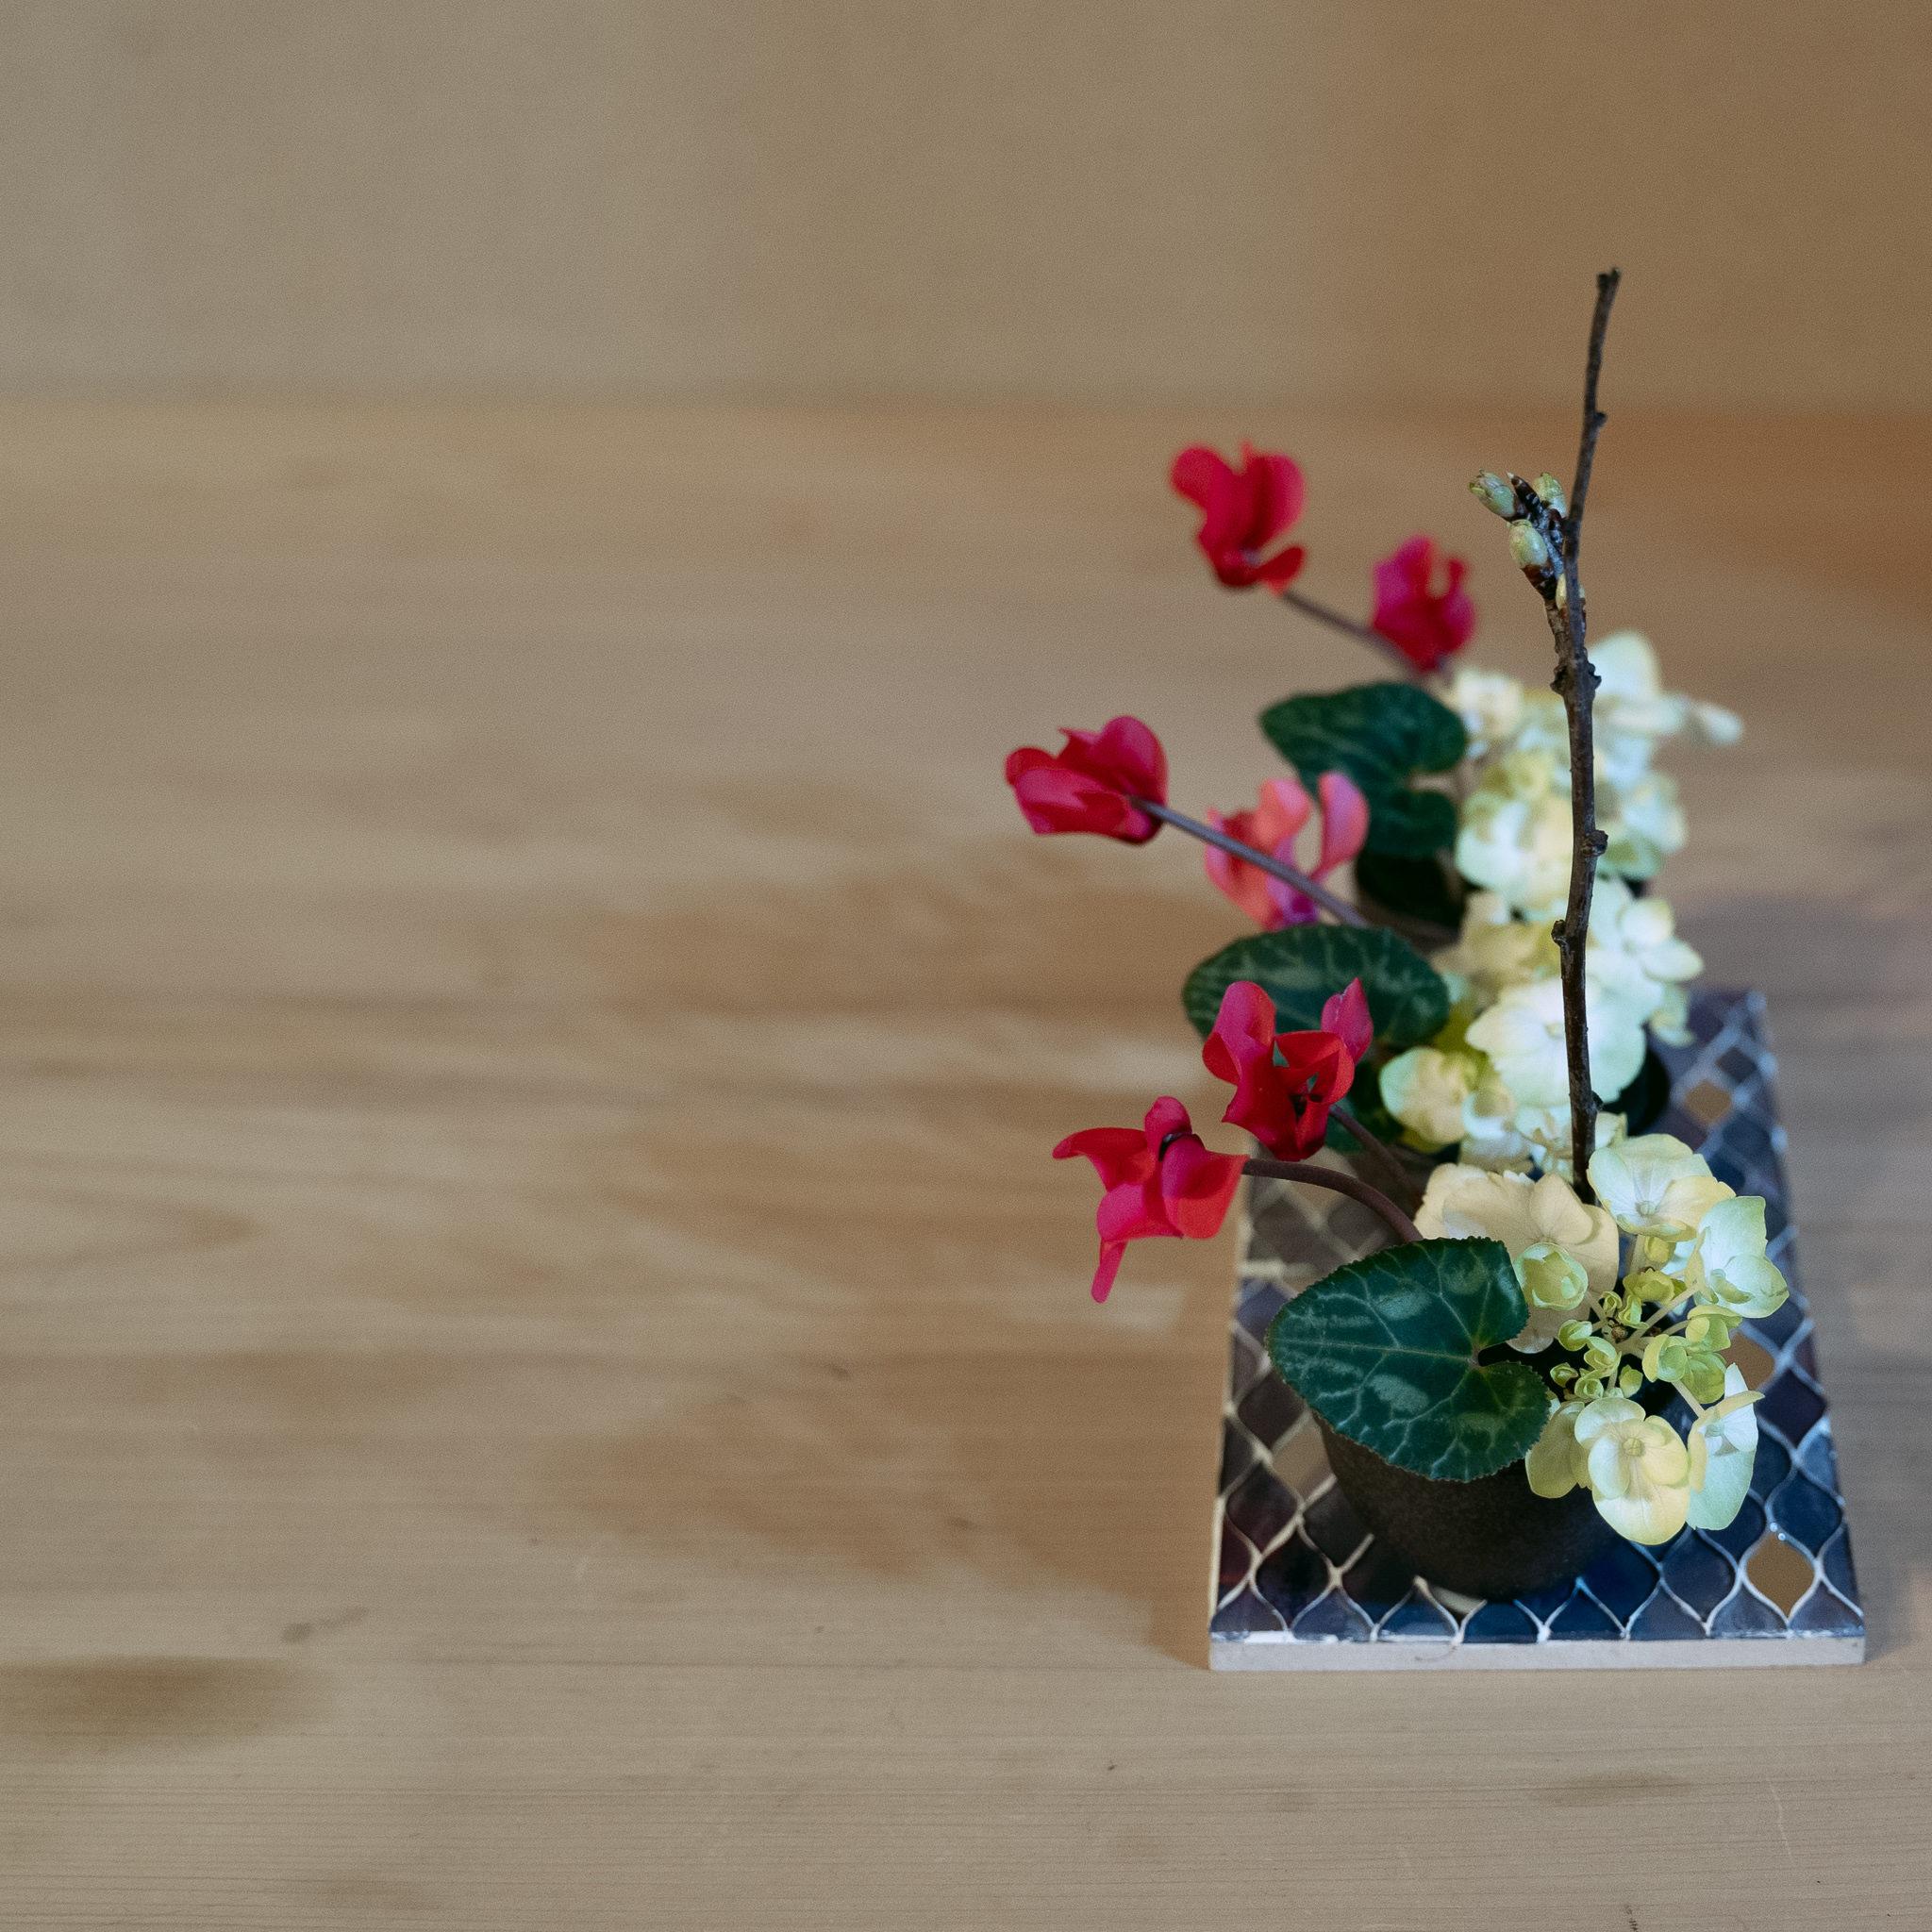 自由花 シクラメン、紫陽花、梅